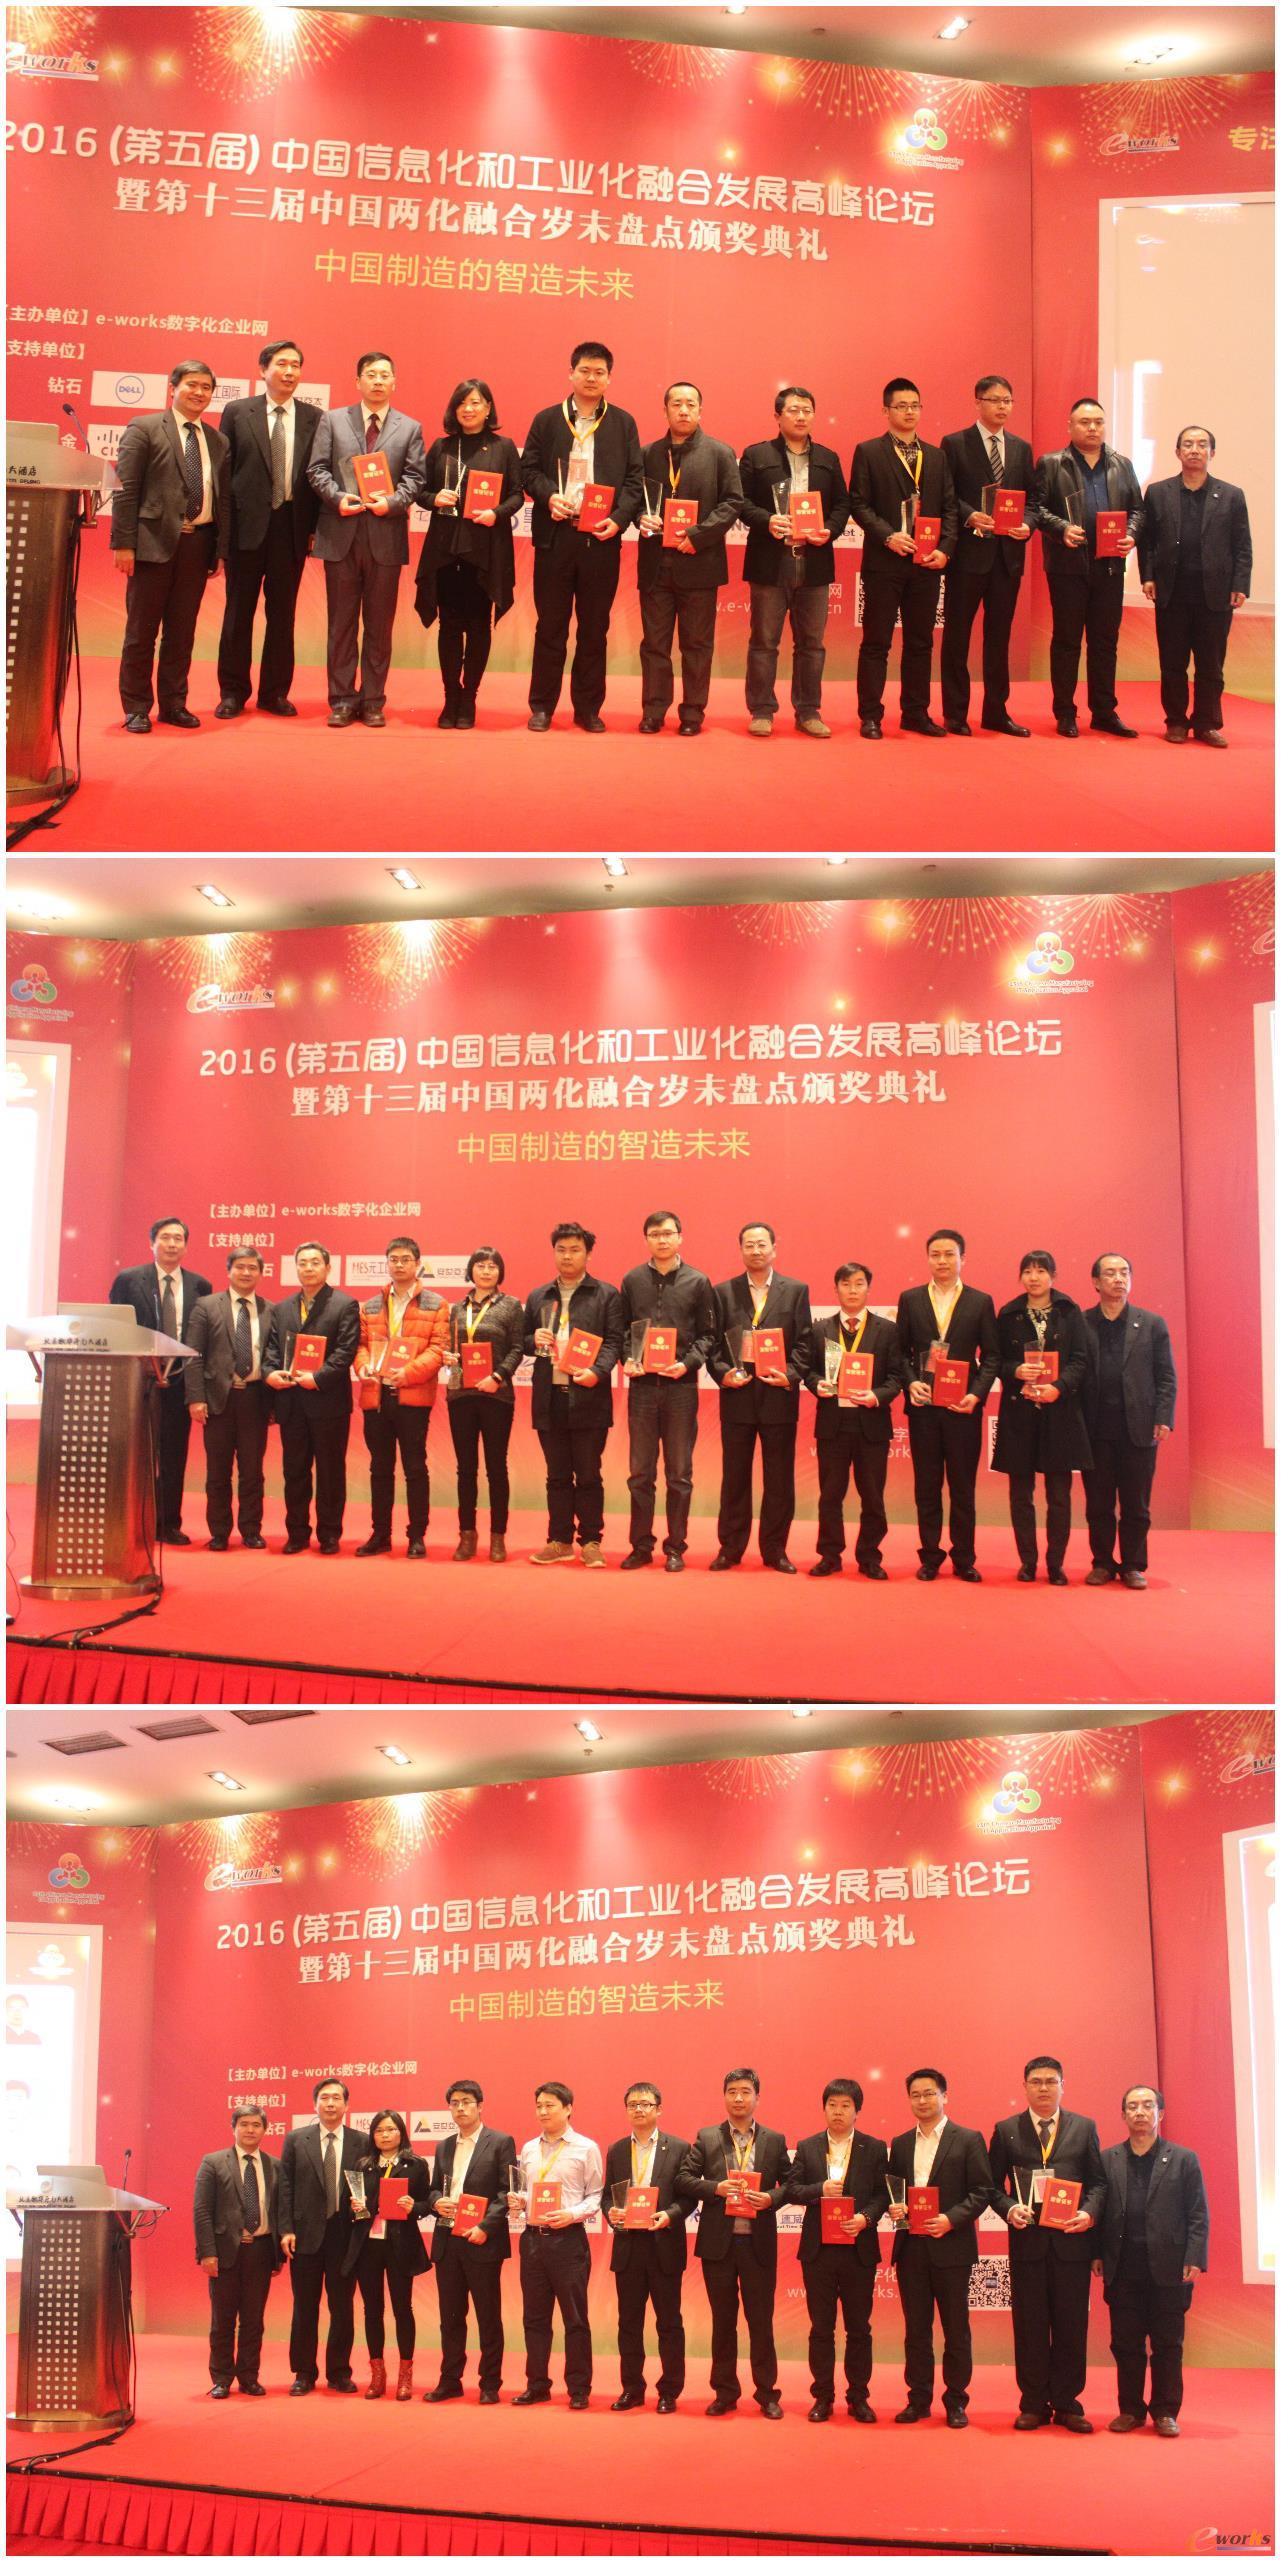 图2 2015年度中国制造业优秀CIO获奖者